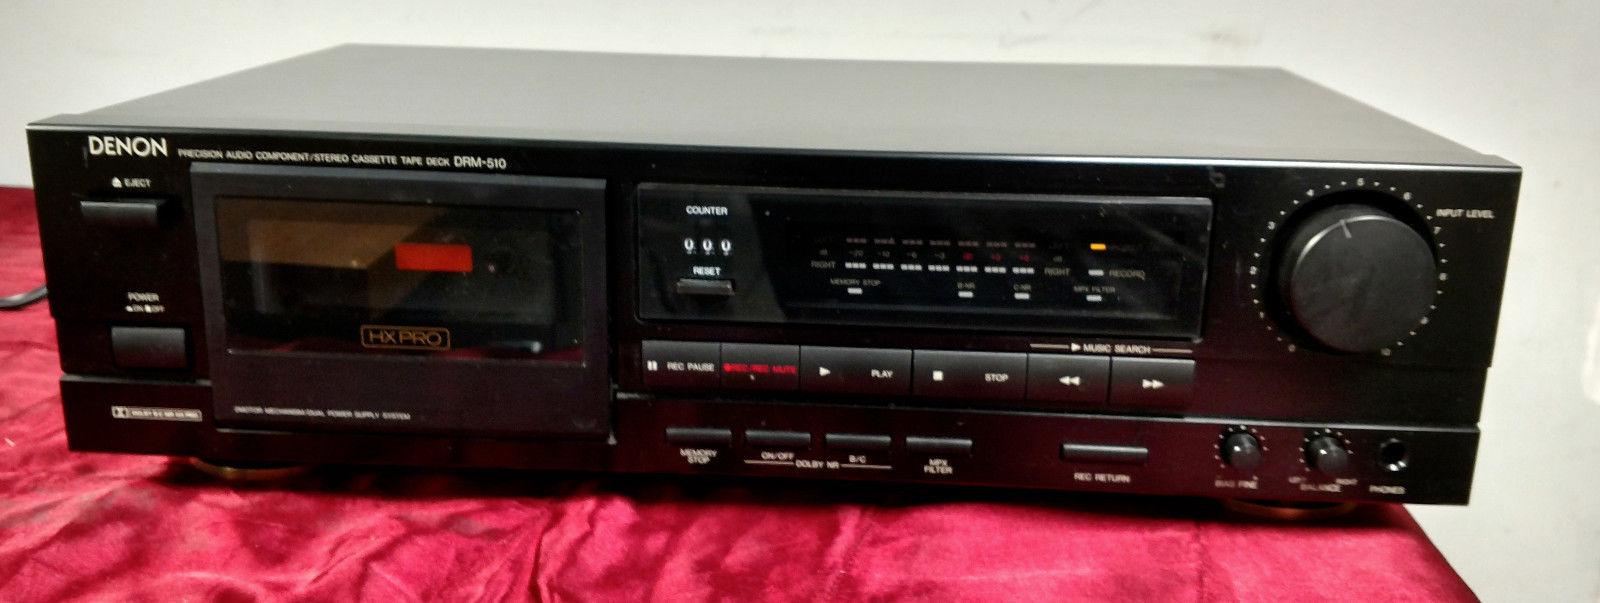 Denon DRM-510 Stereo Cassette Tape Deck